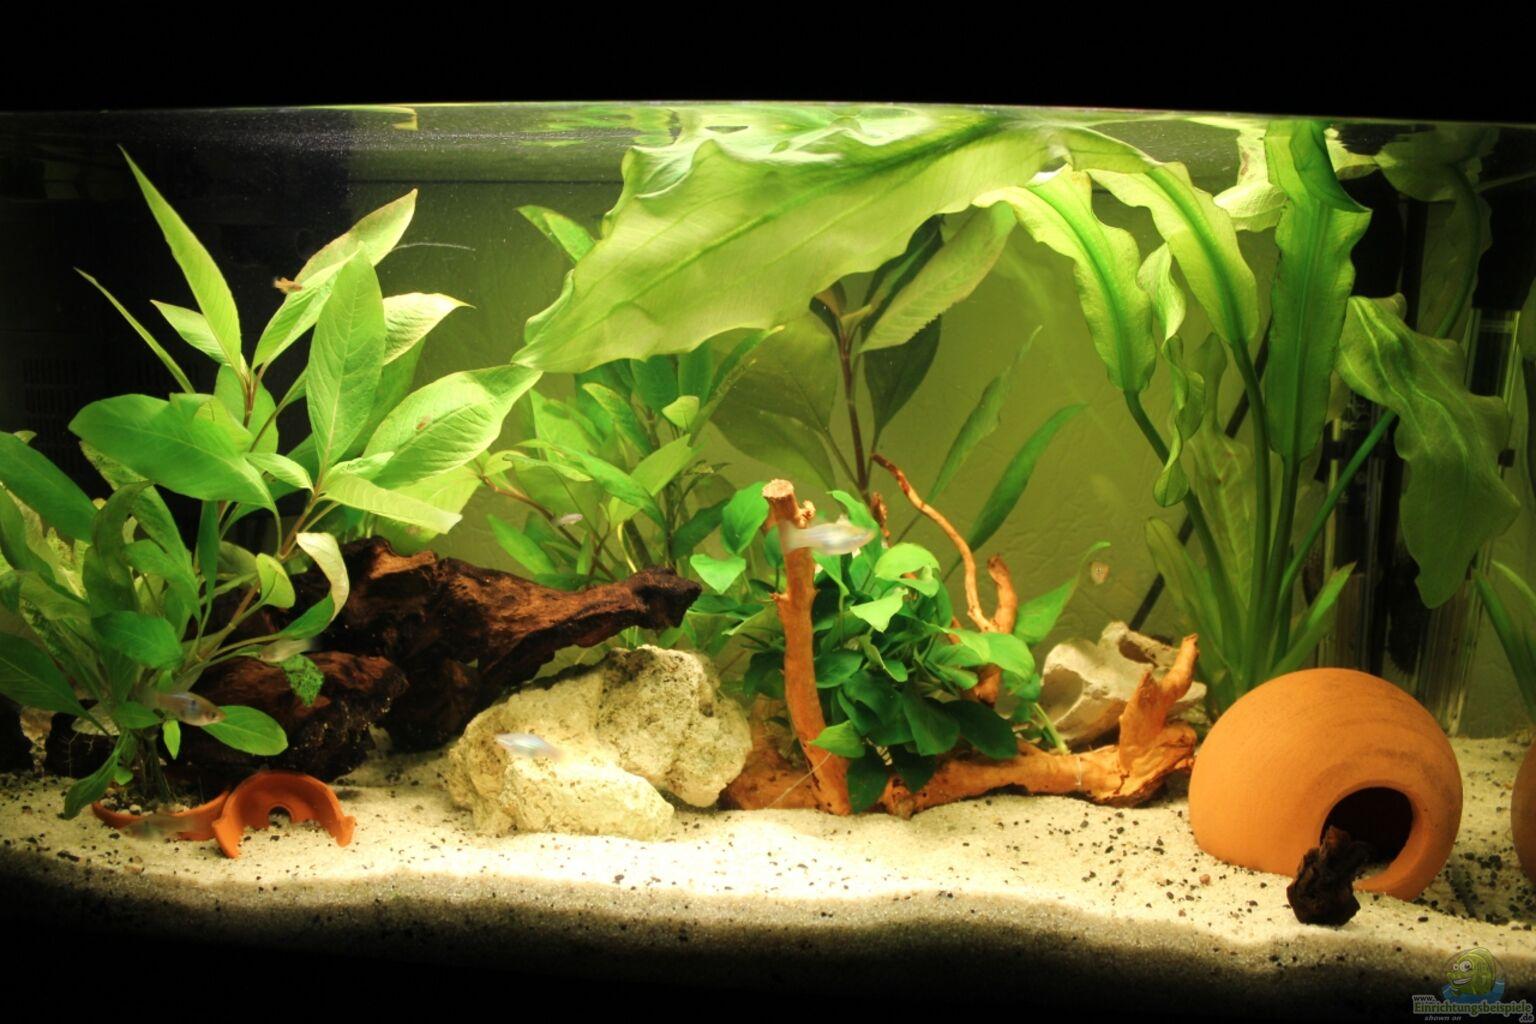 Aquarium wurzel mit pflanze xl wurzel mit javafarn for Aquarium wurzel